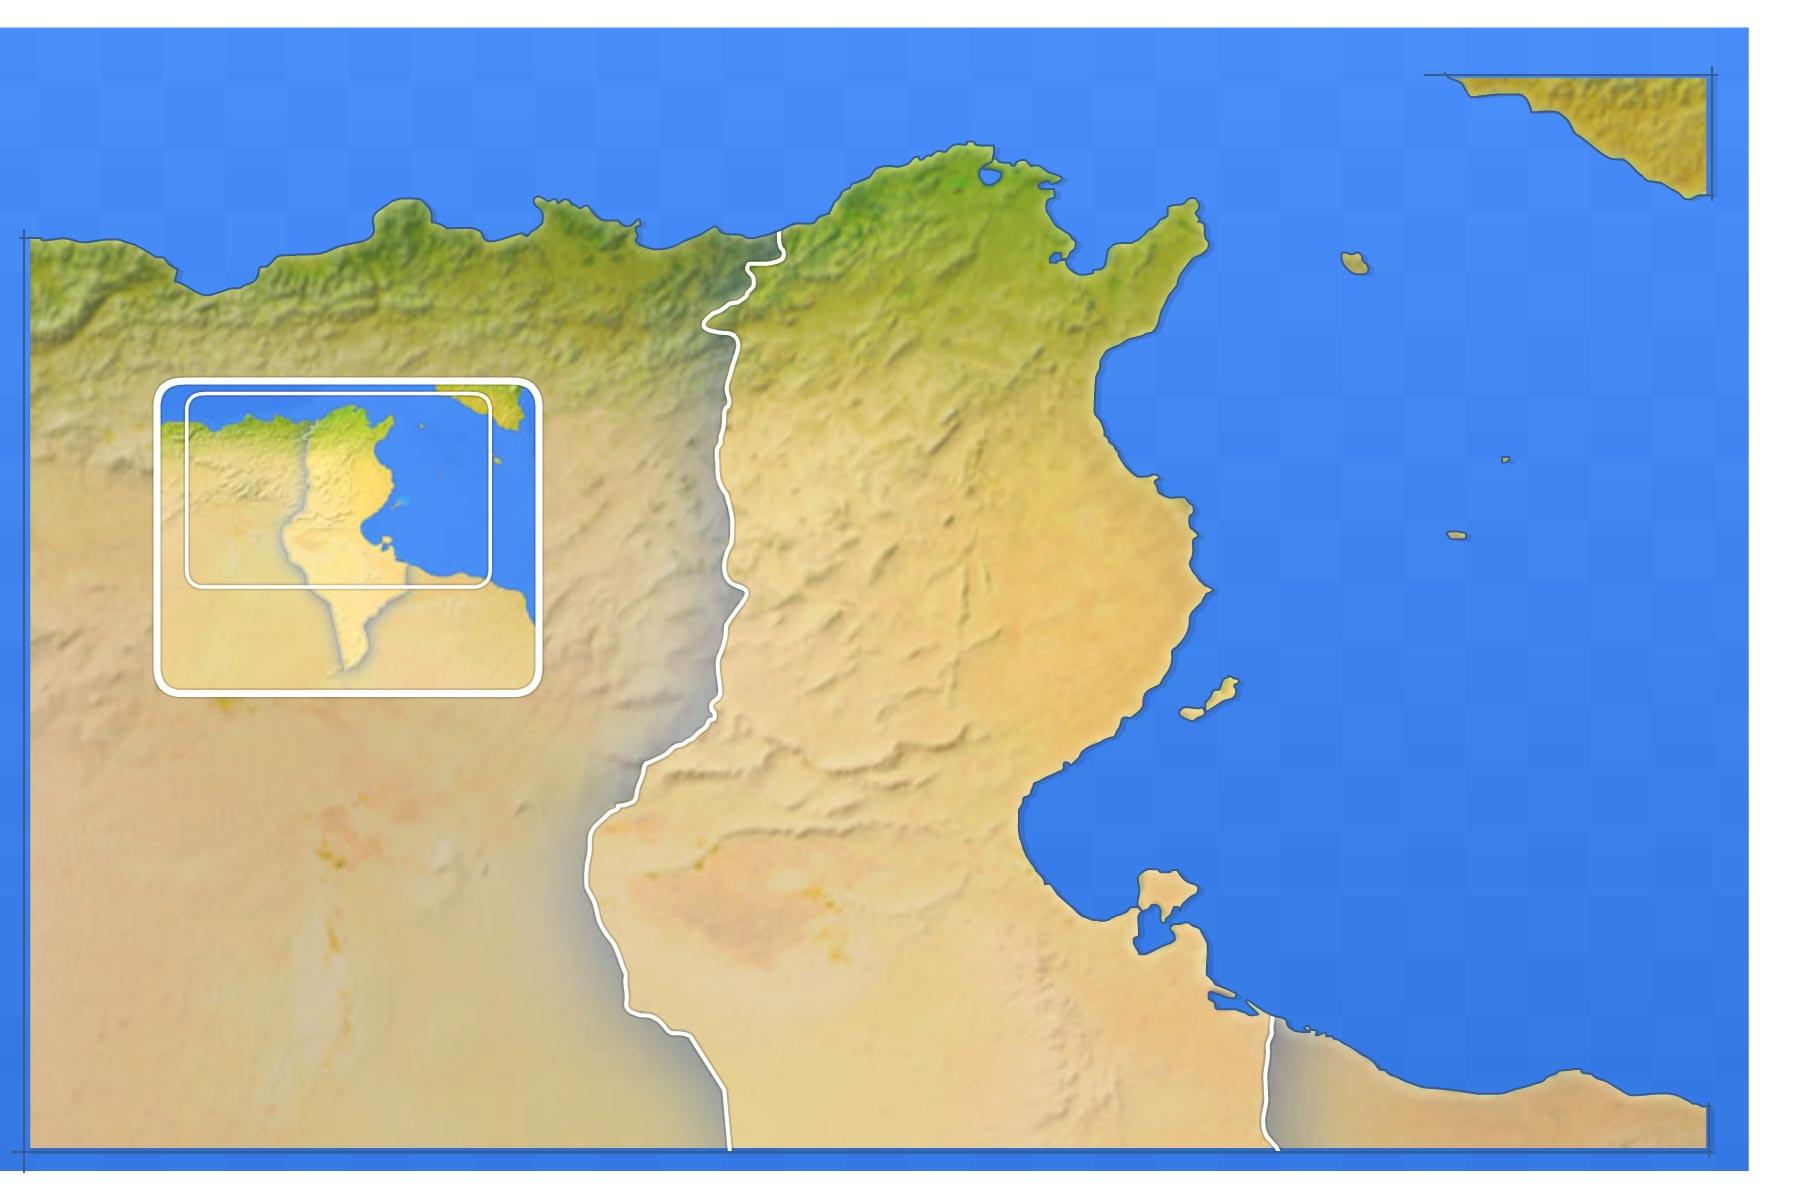 Jeux-Geographiques Jeux Gratuits Villes De Tunisie pour Jeux Geographique Ville De France